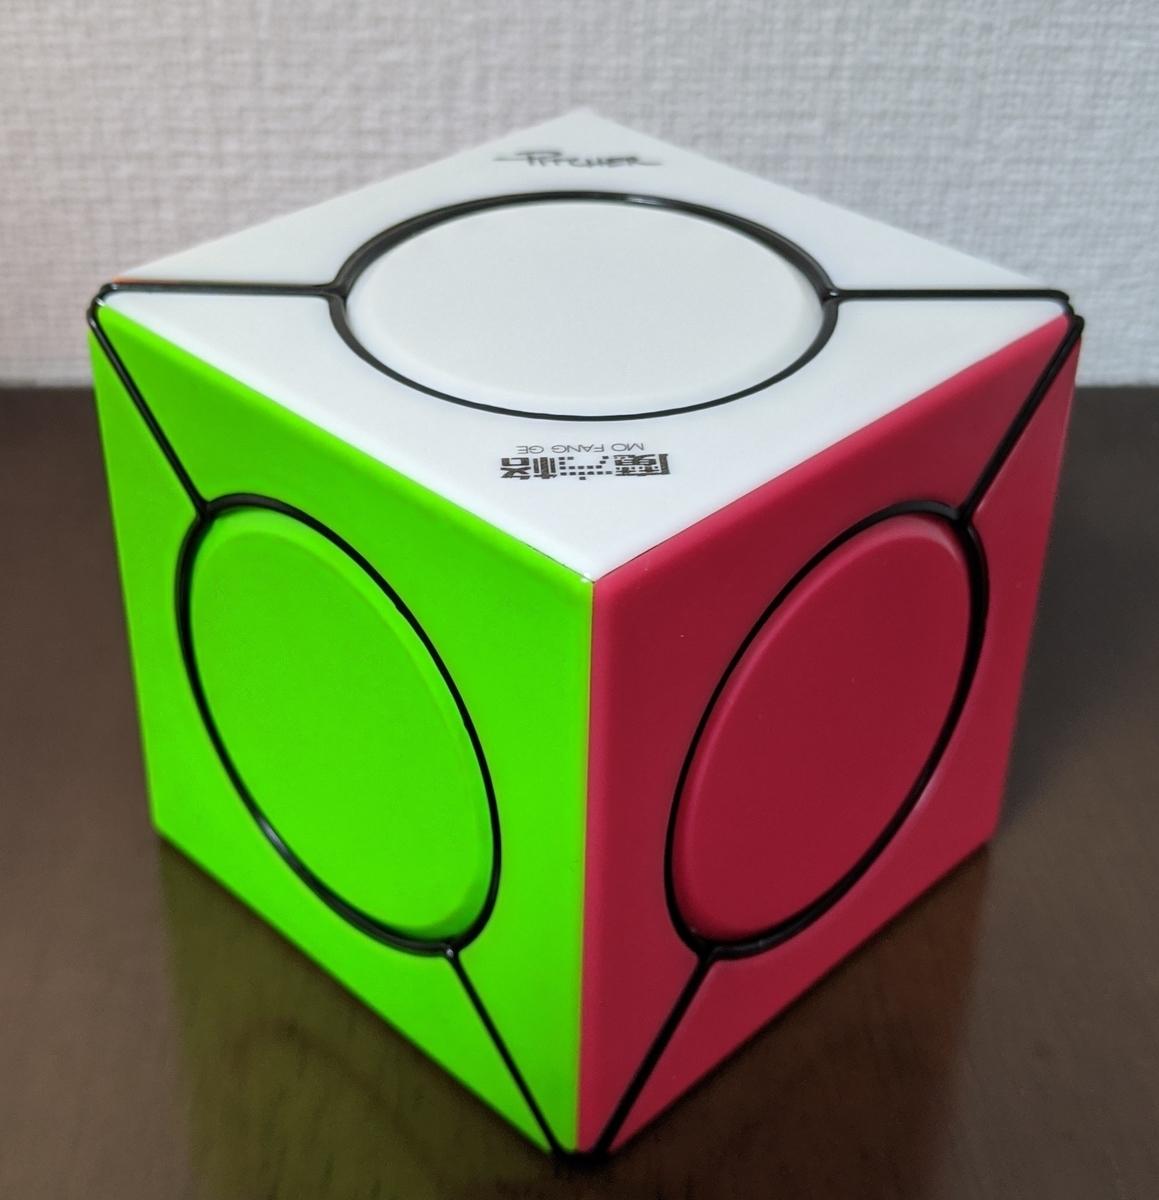 f:id:CubeSystema:20200920140644j:plain